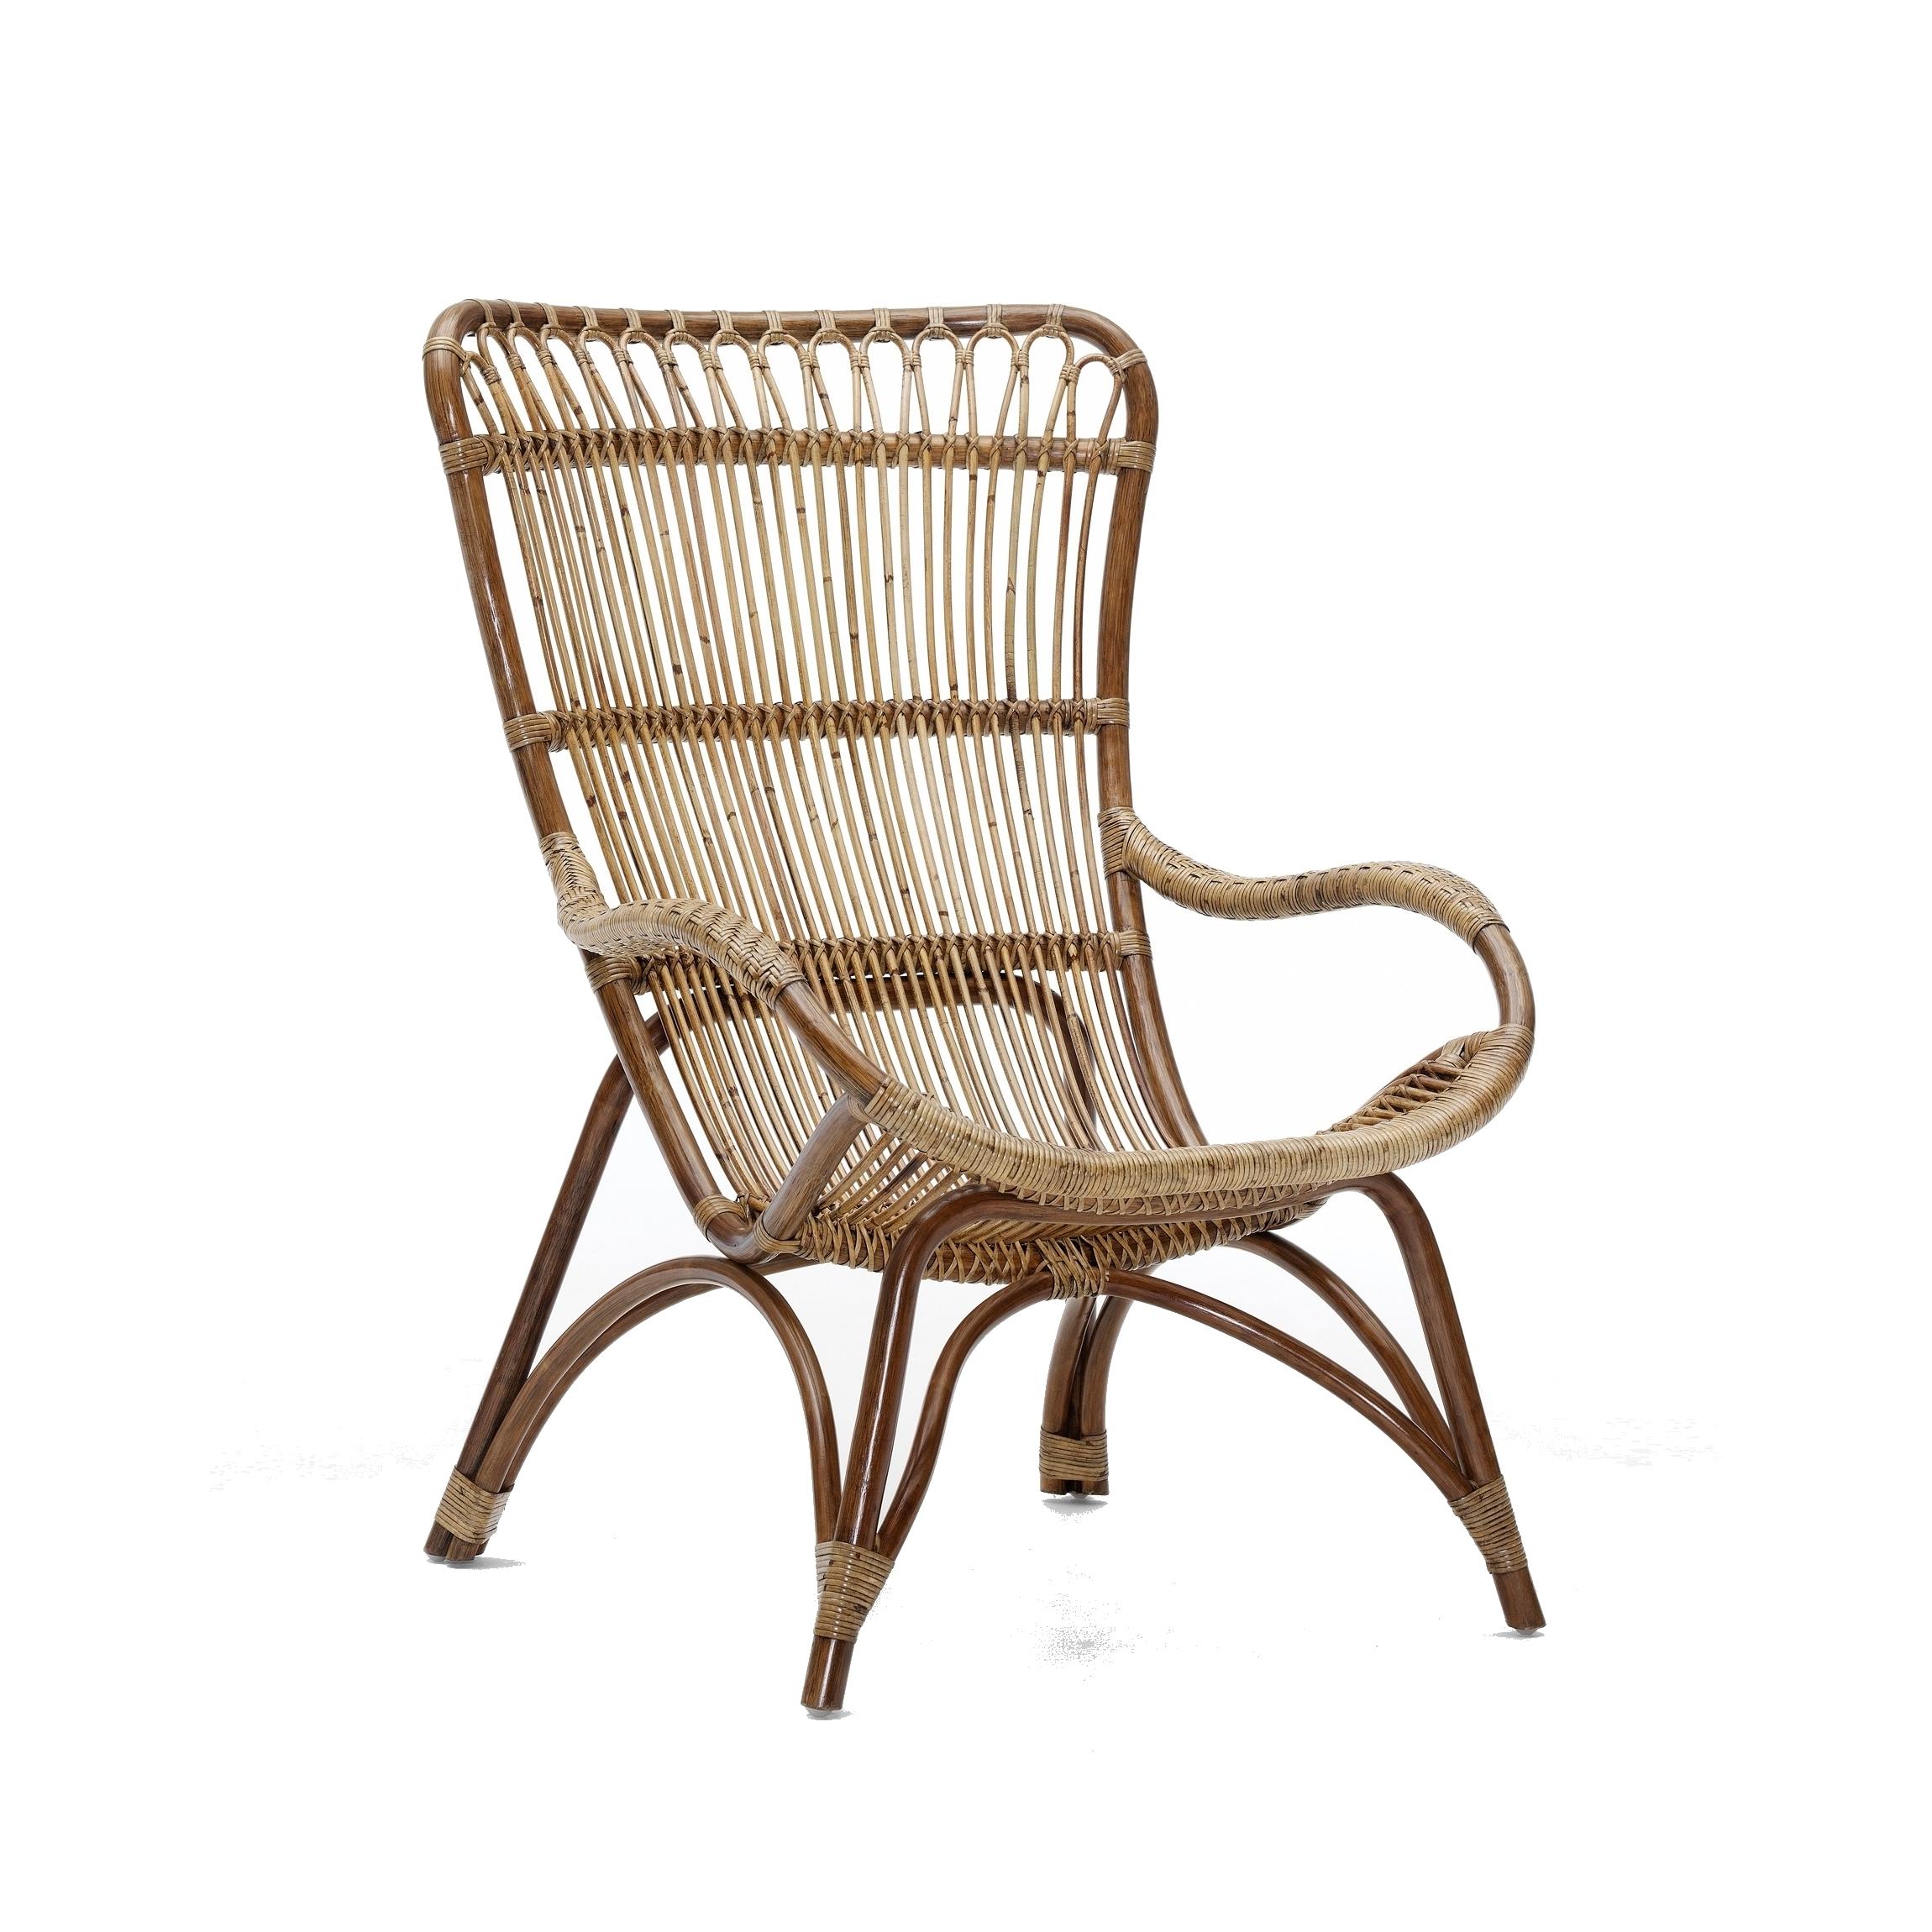 Monet korgfåtölj antikbrun, Sika-Design